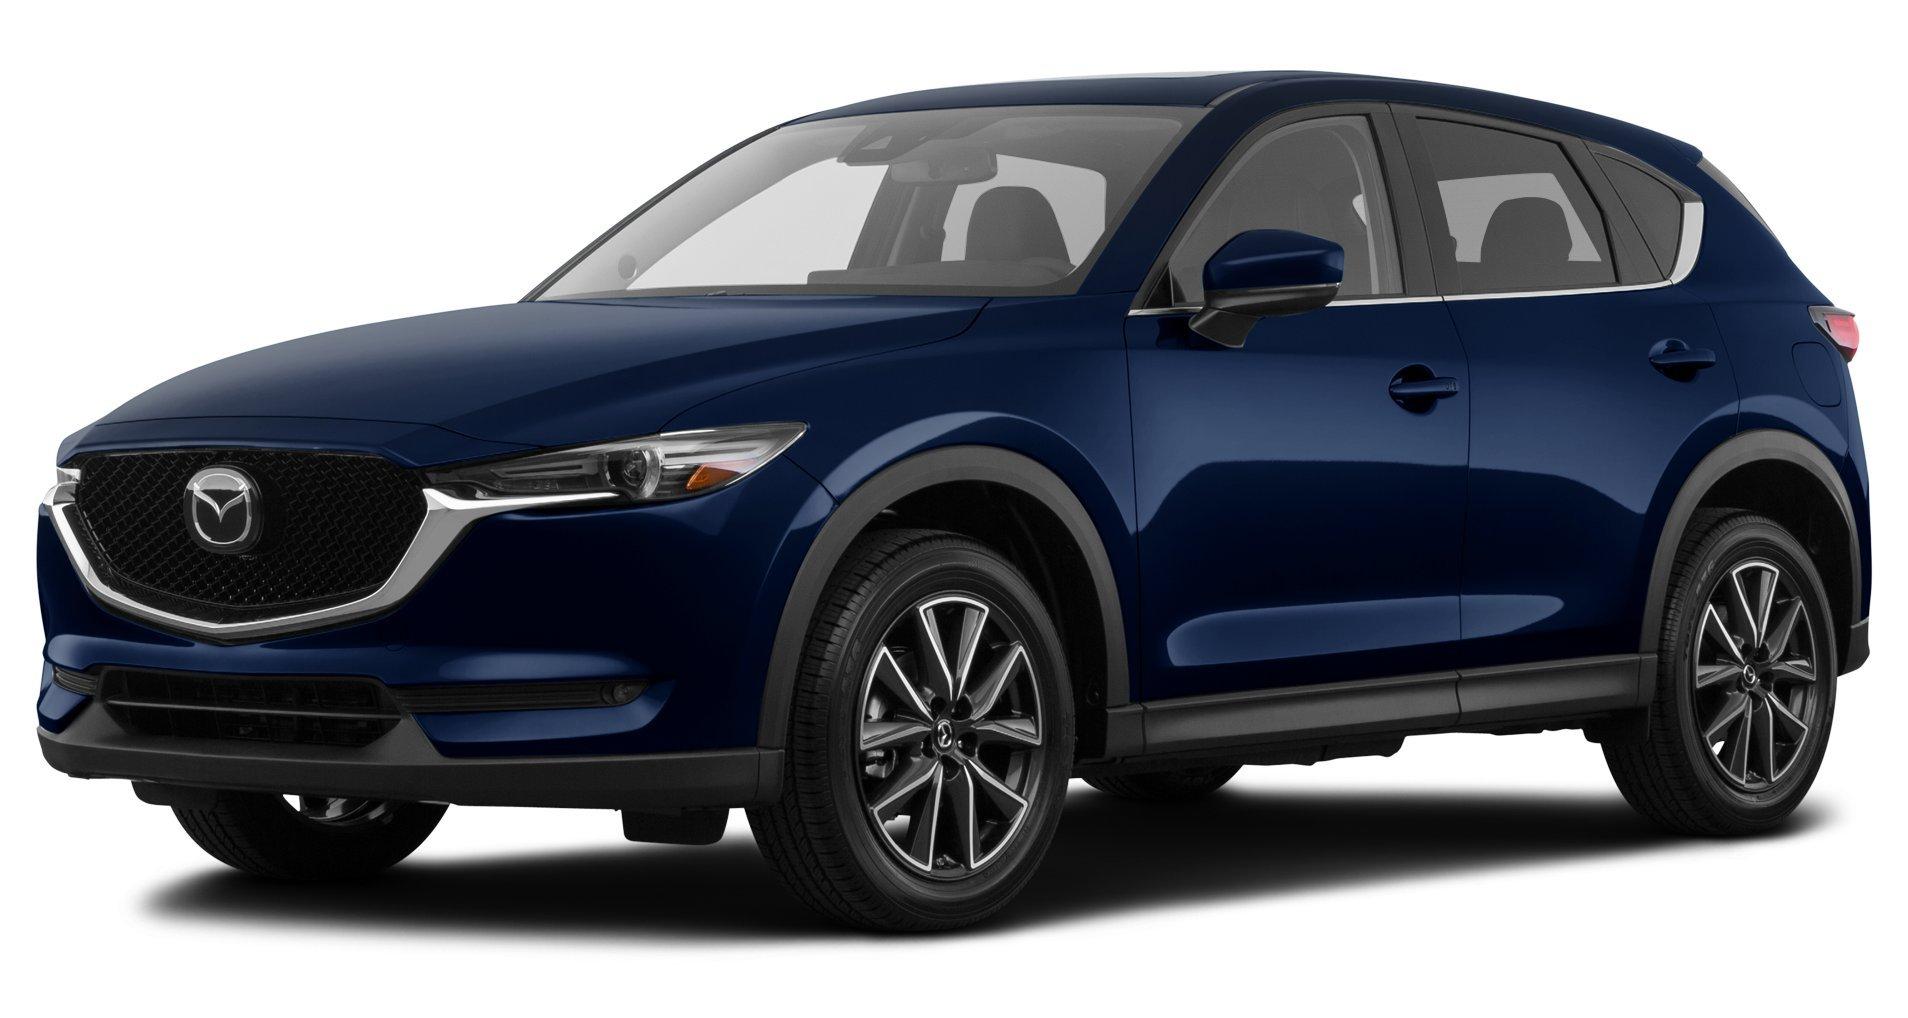 מצטיין Amazon.com: 2018 Mazda CX-5 Reviews, Images, and Specs: Vehicles XP-19